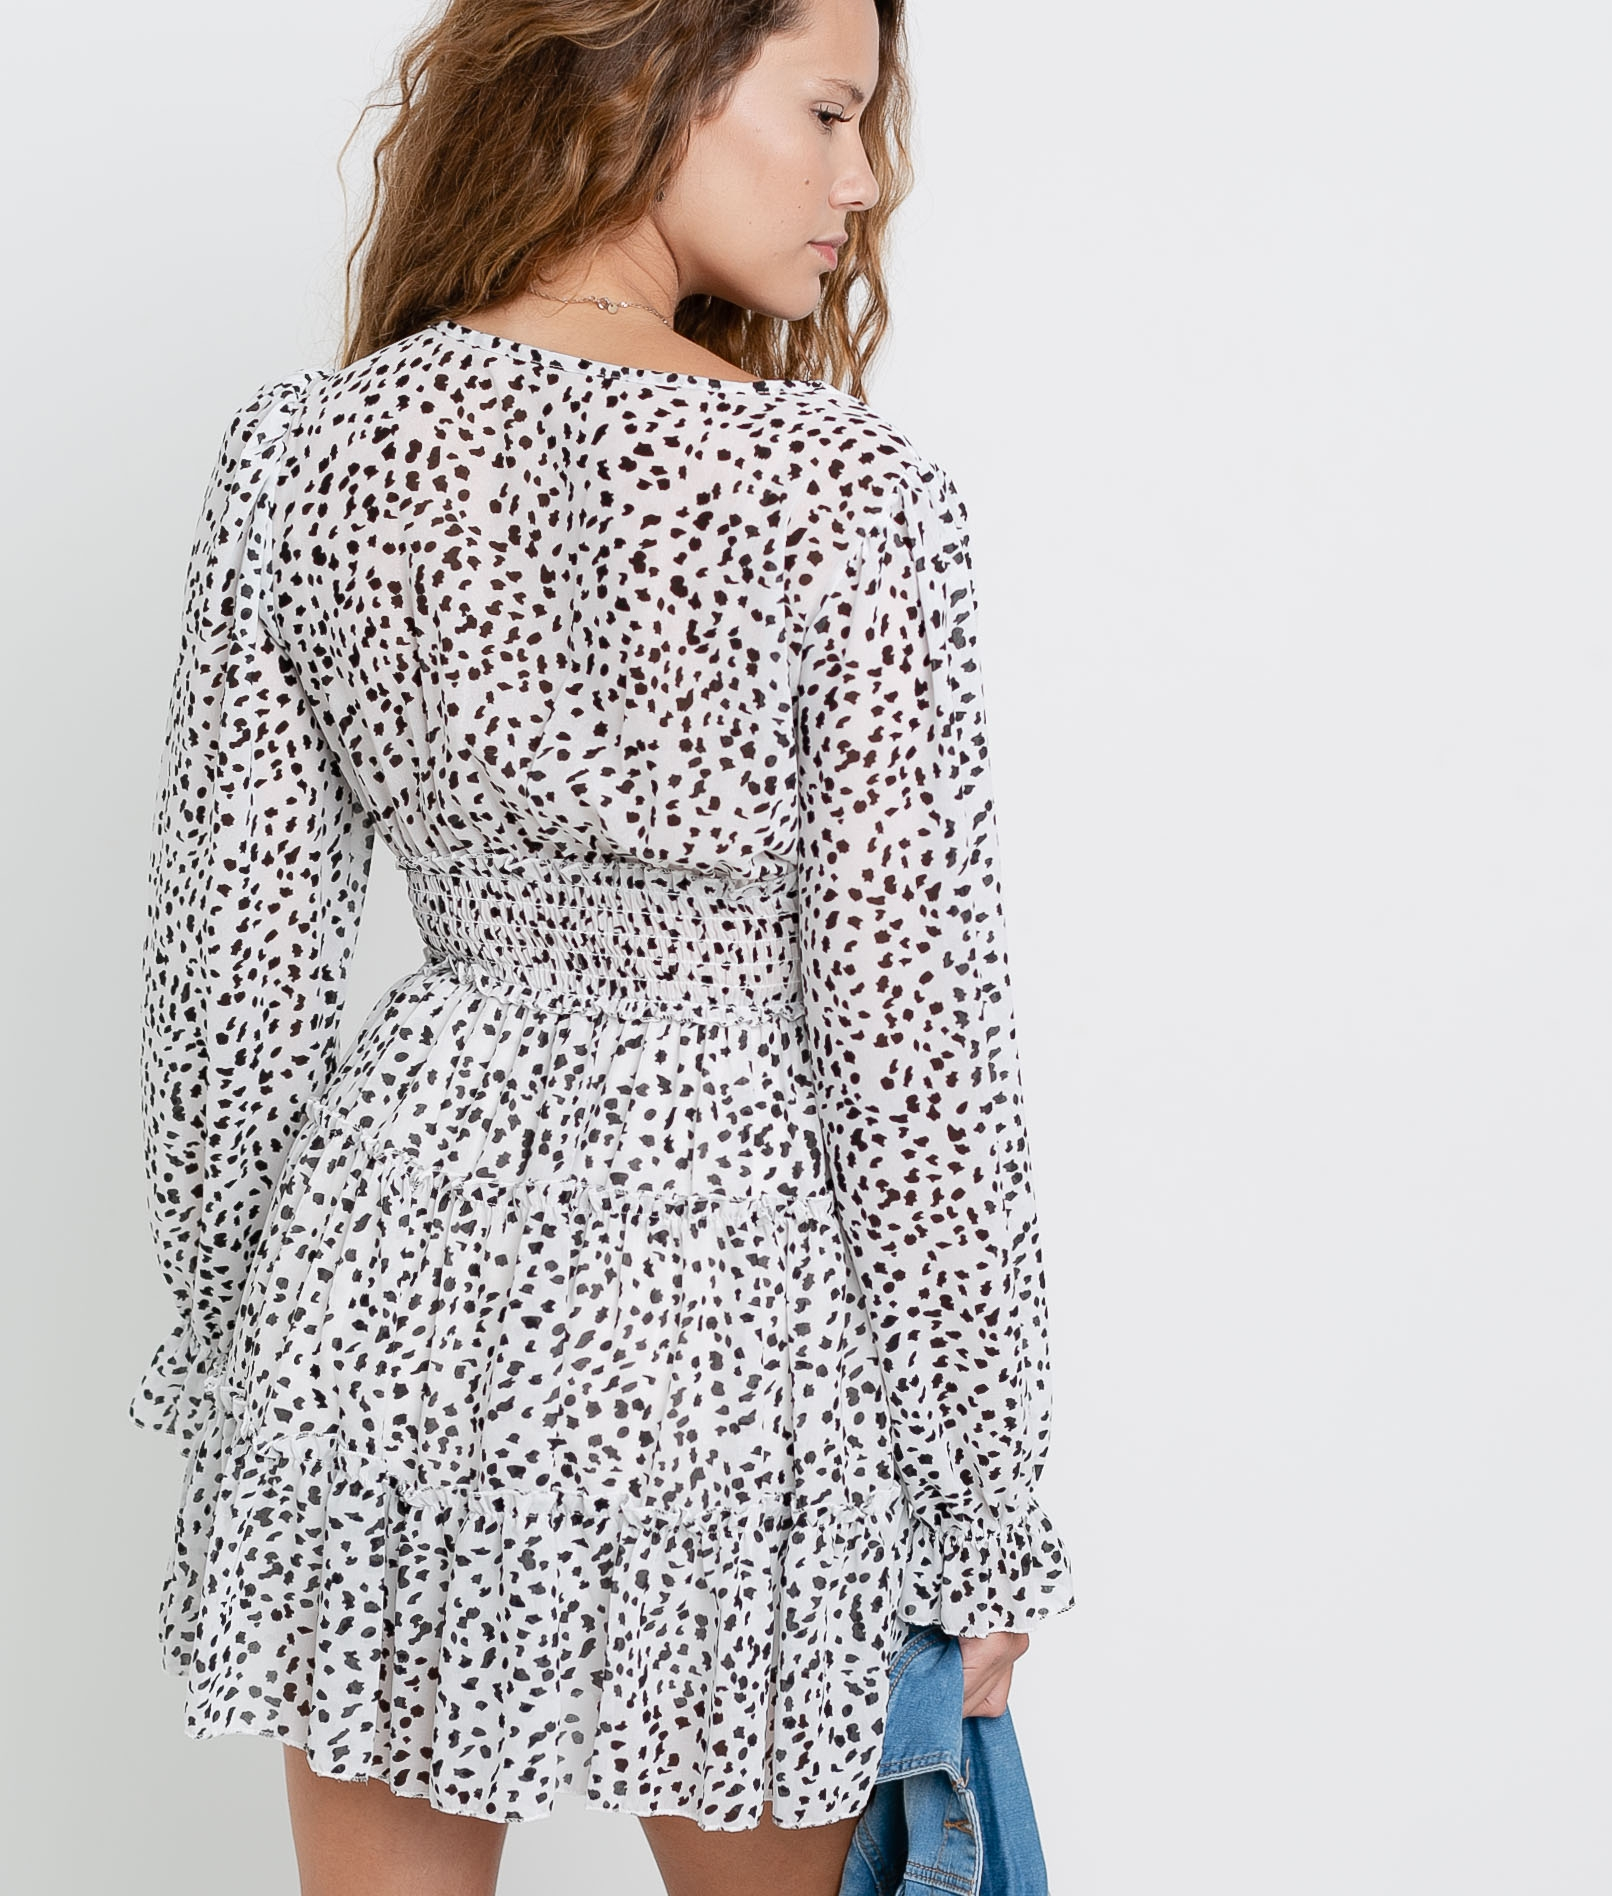 Vestido Soger - Branco/Preto